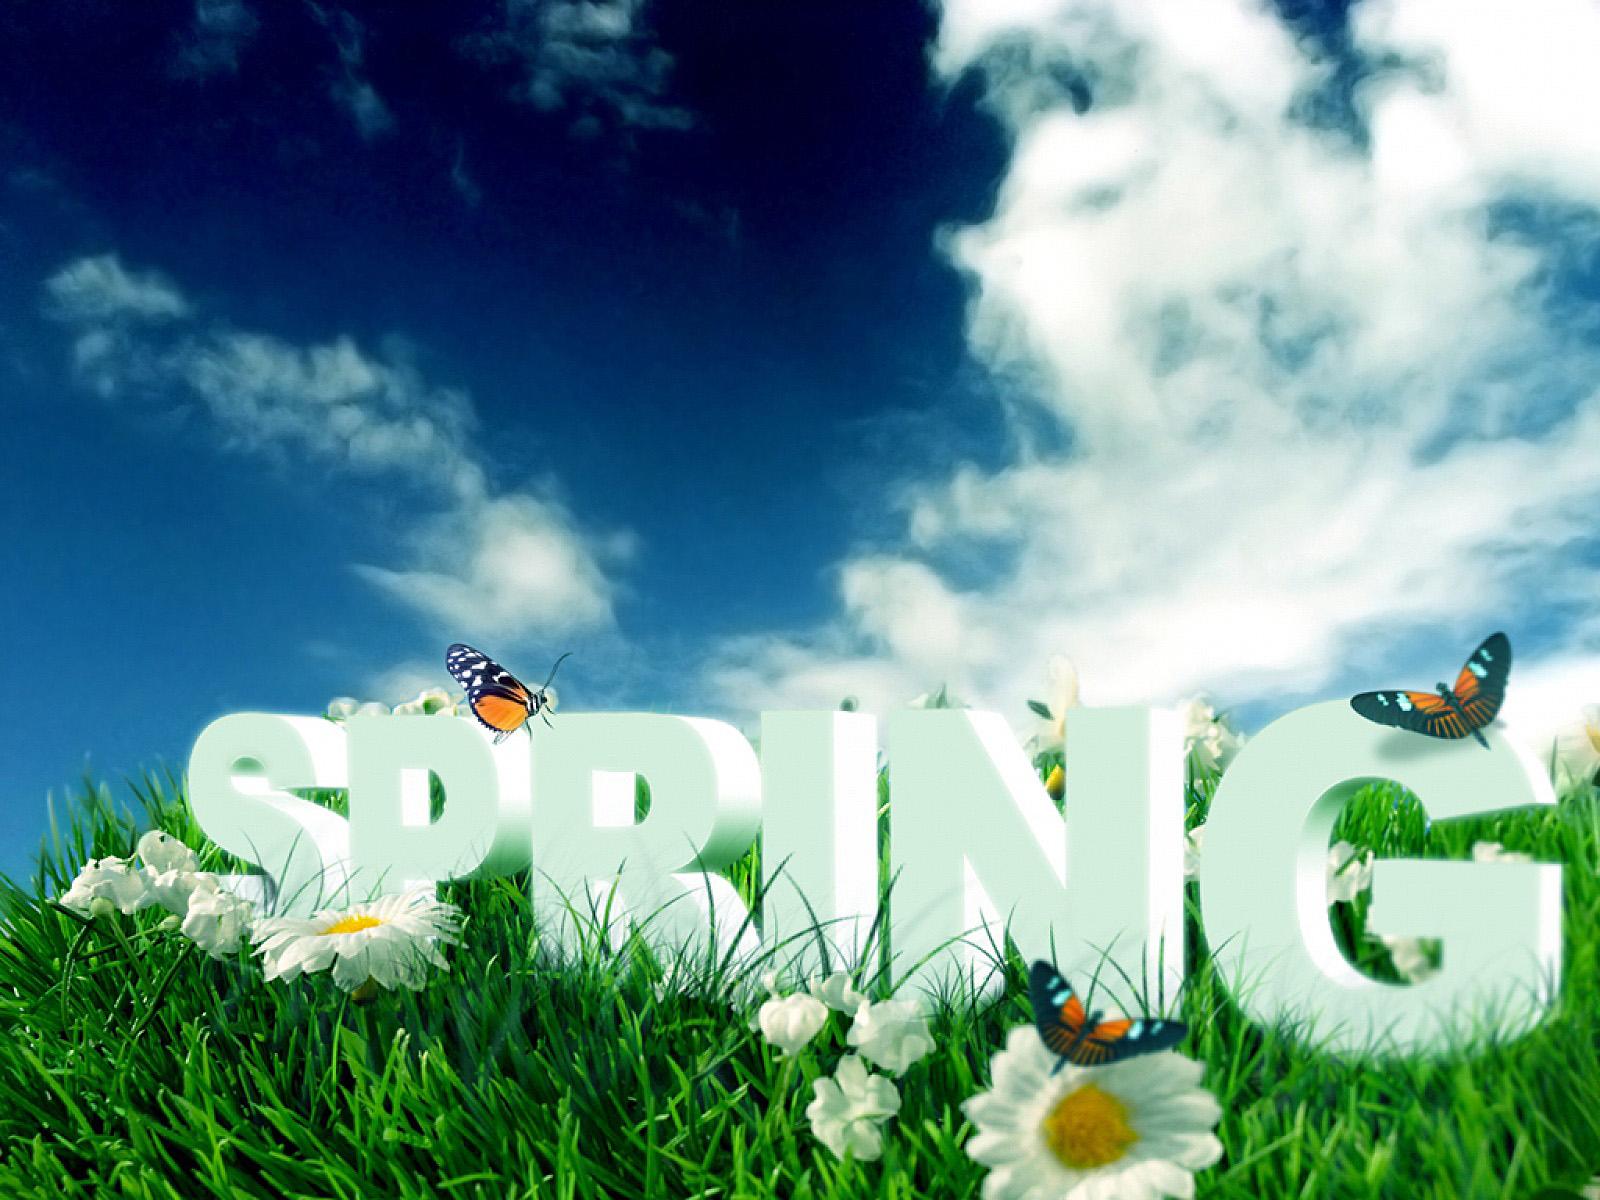 lente achtergronden hd - photo #25